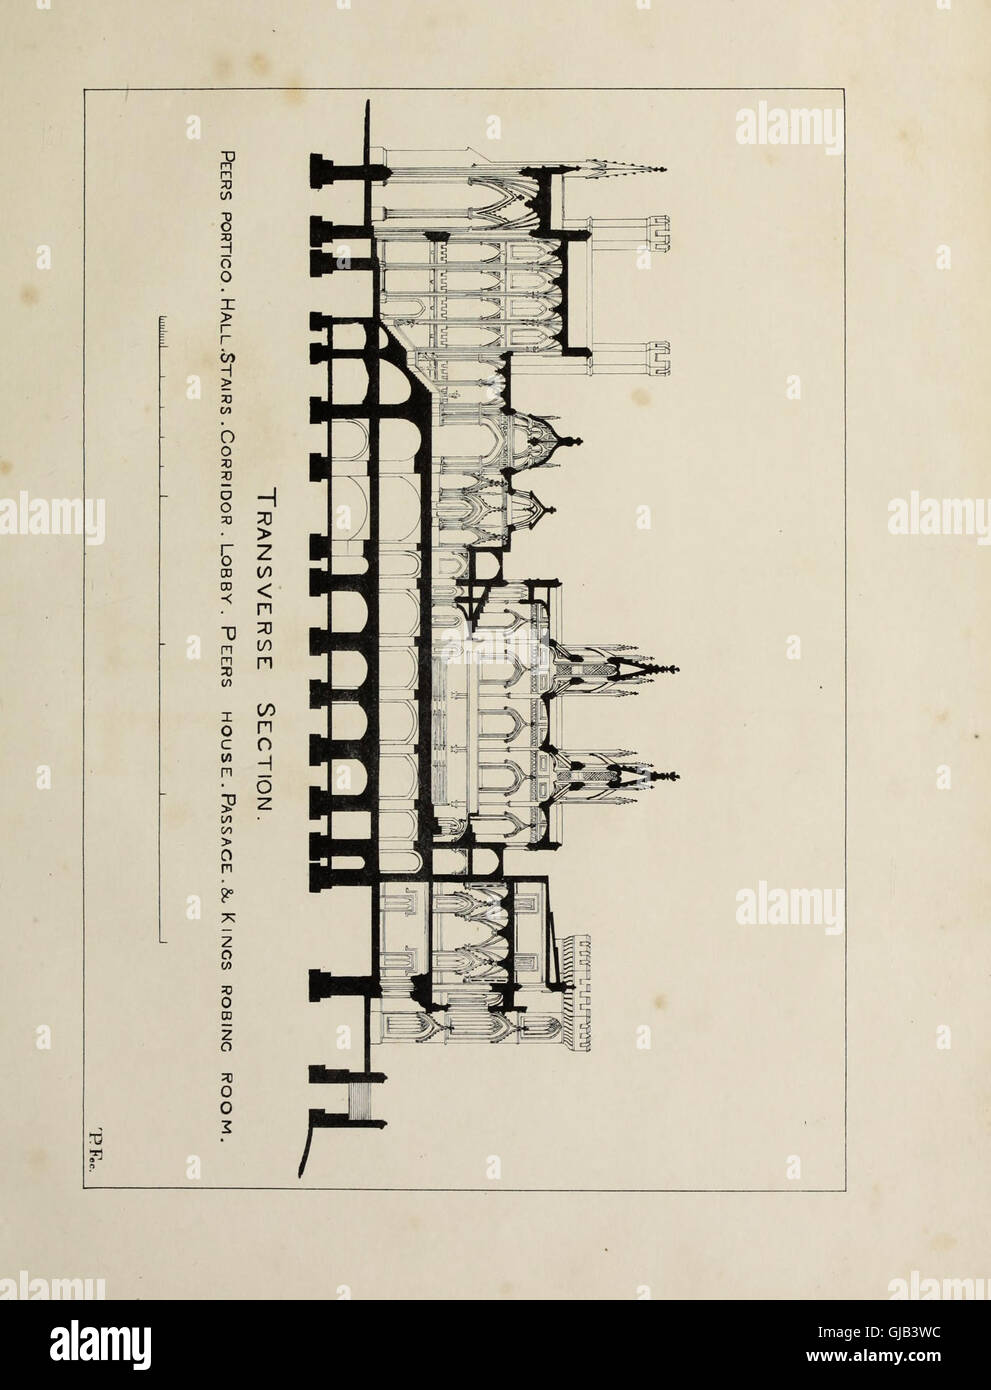 Entwrfe Fr Die Vorgeschlagenen Neuen Houses Of Parliament Uzi Schematic Bestehend Aus Vier Plne Geometrischen Ansichten Einem Lngs Und Zwei Querschnitte Mit